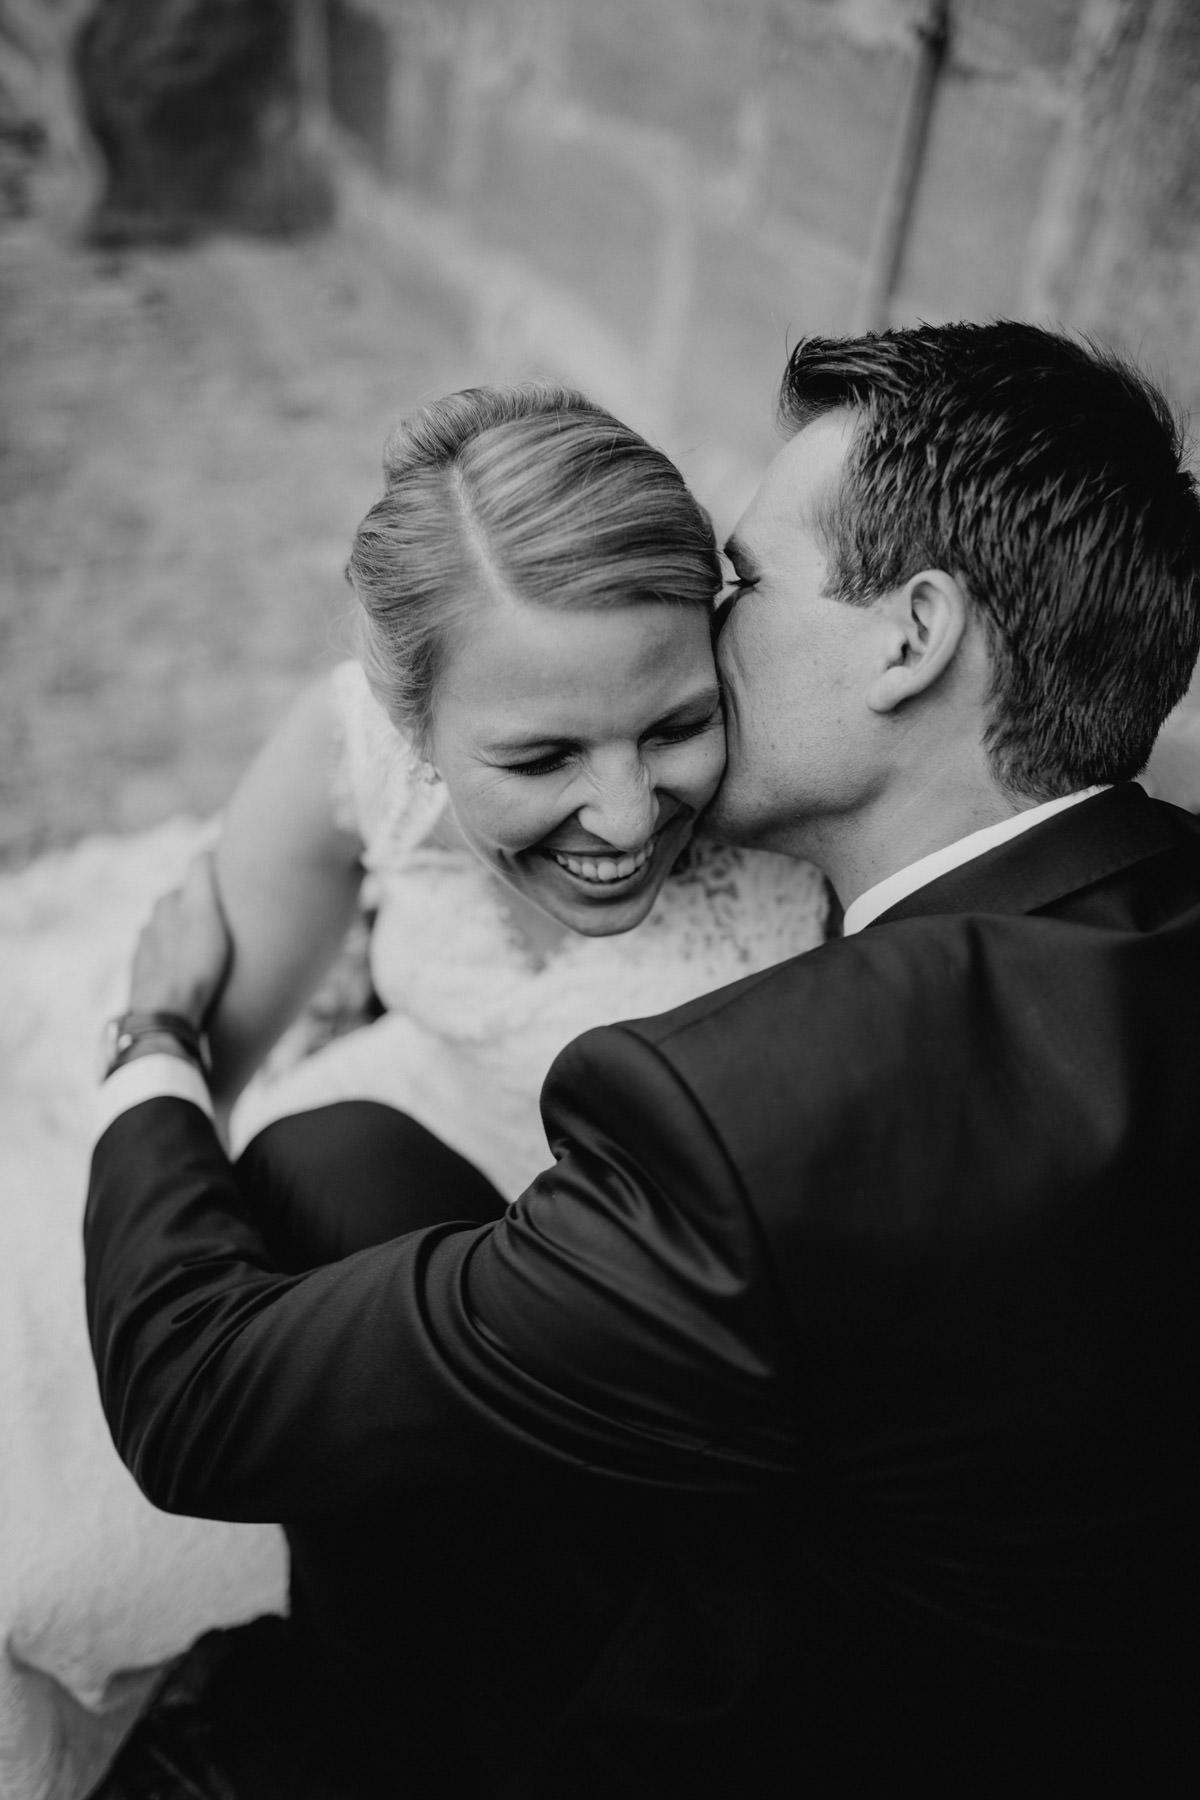 Natürliche Fotografie eines Brautpaares